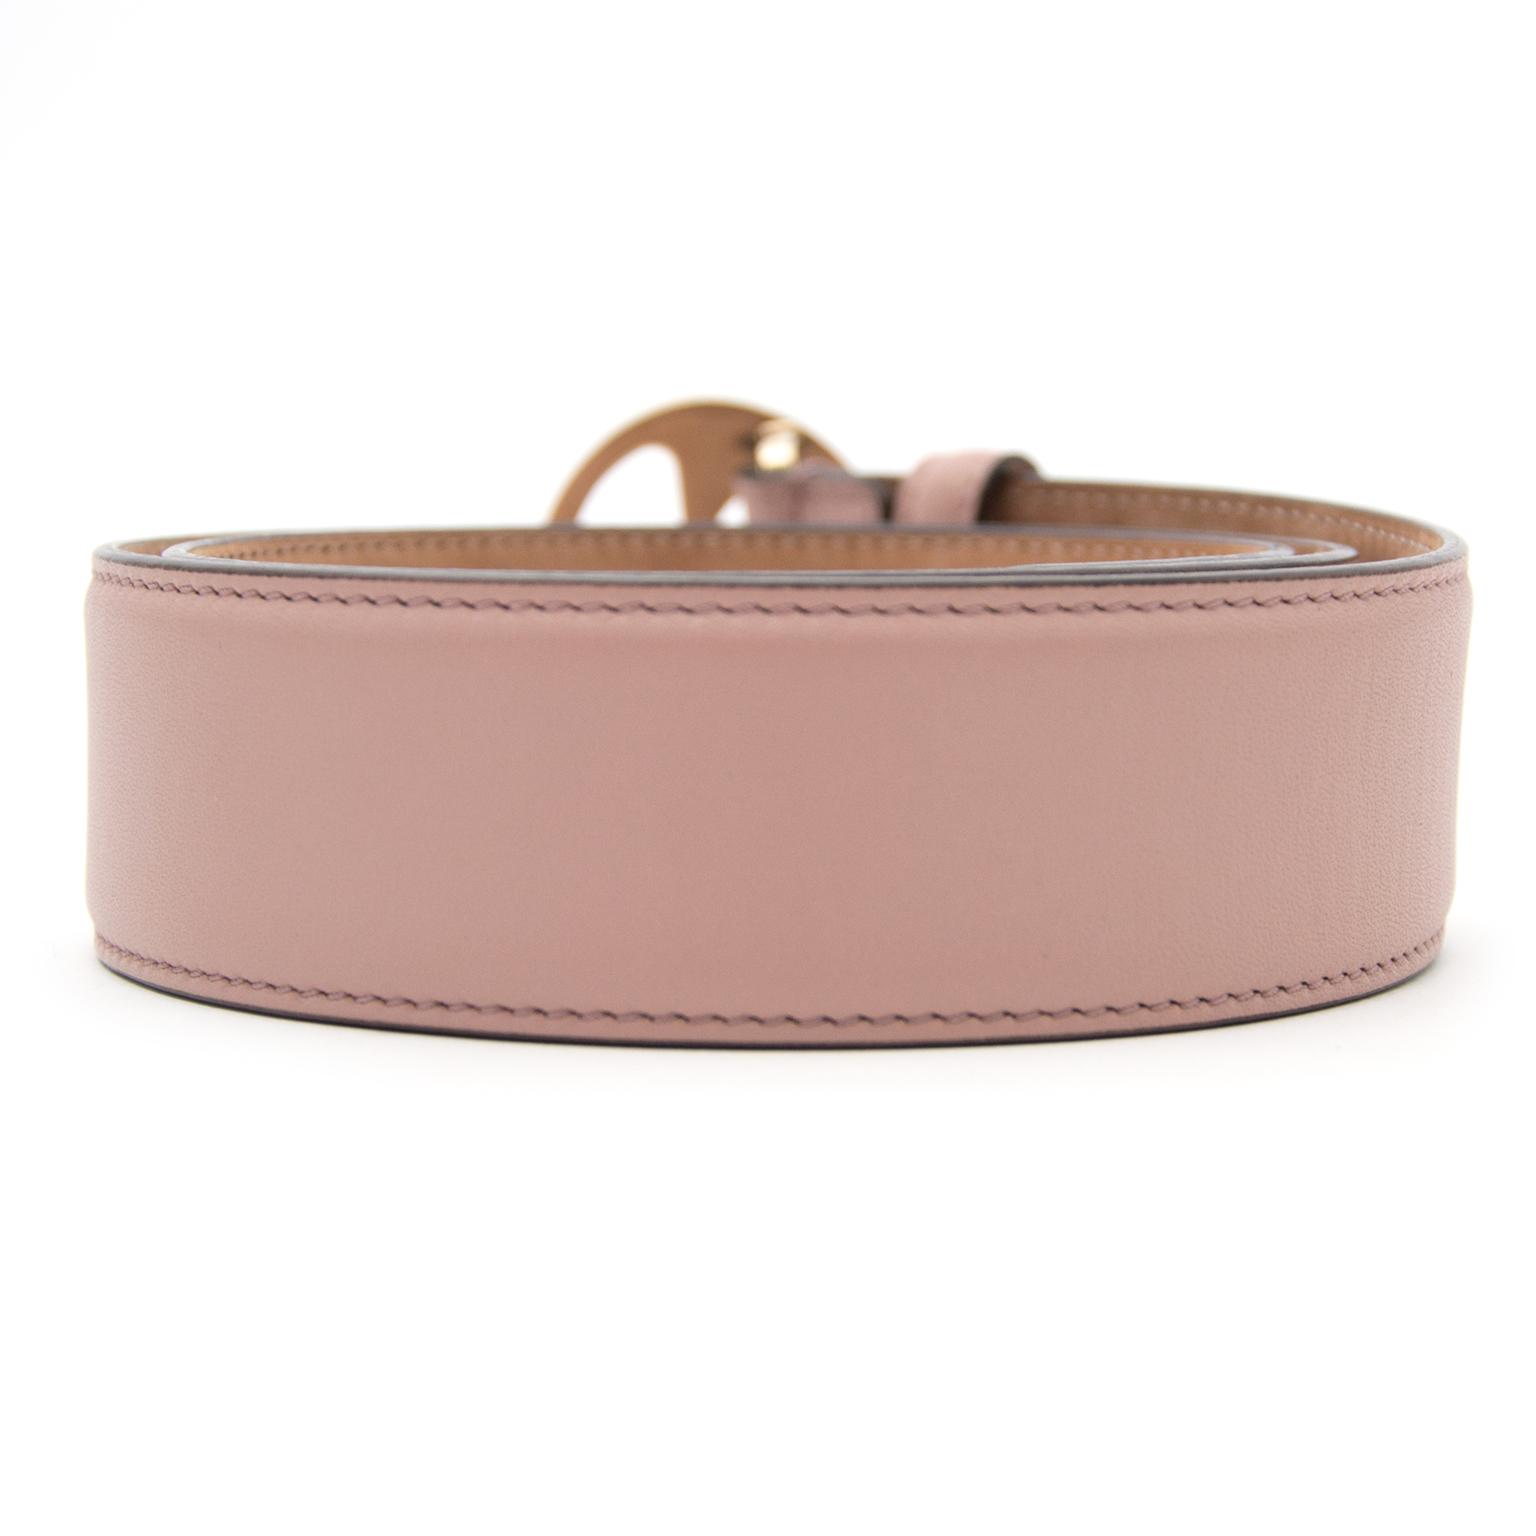 Gucci roze riem nu te koop bij labellov.com tegen de beste prijs